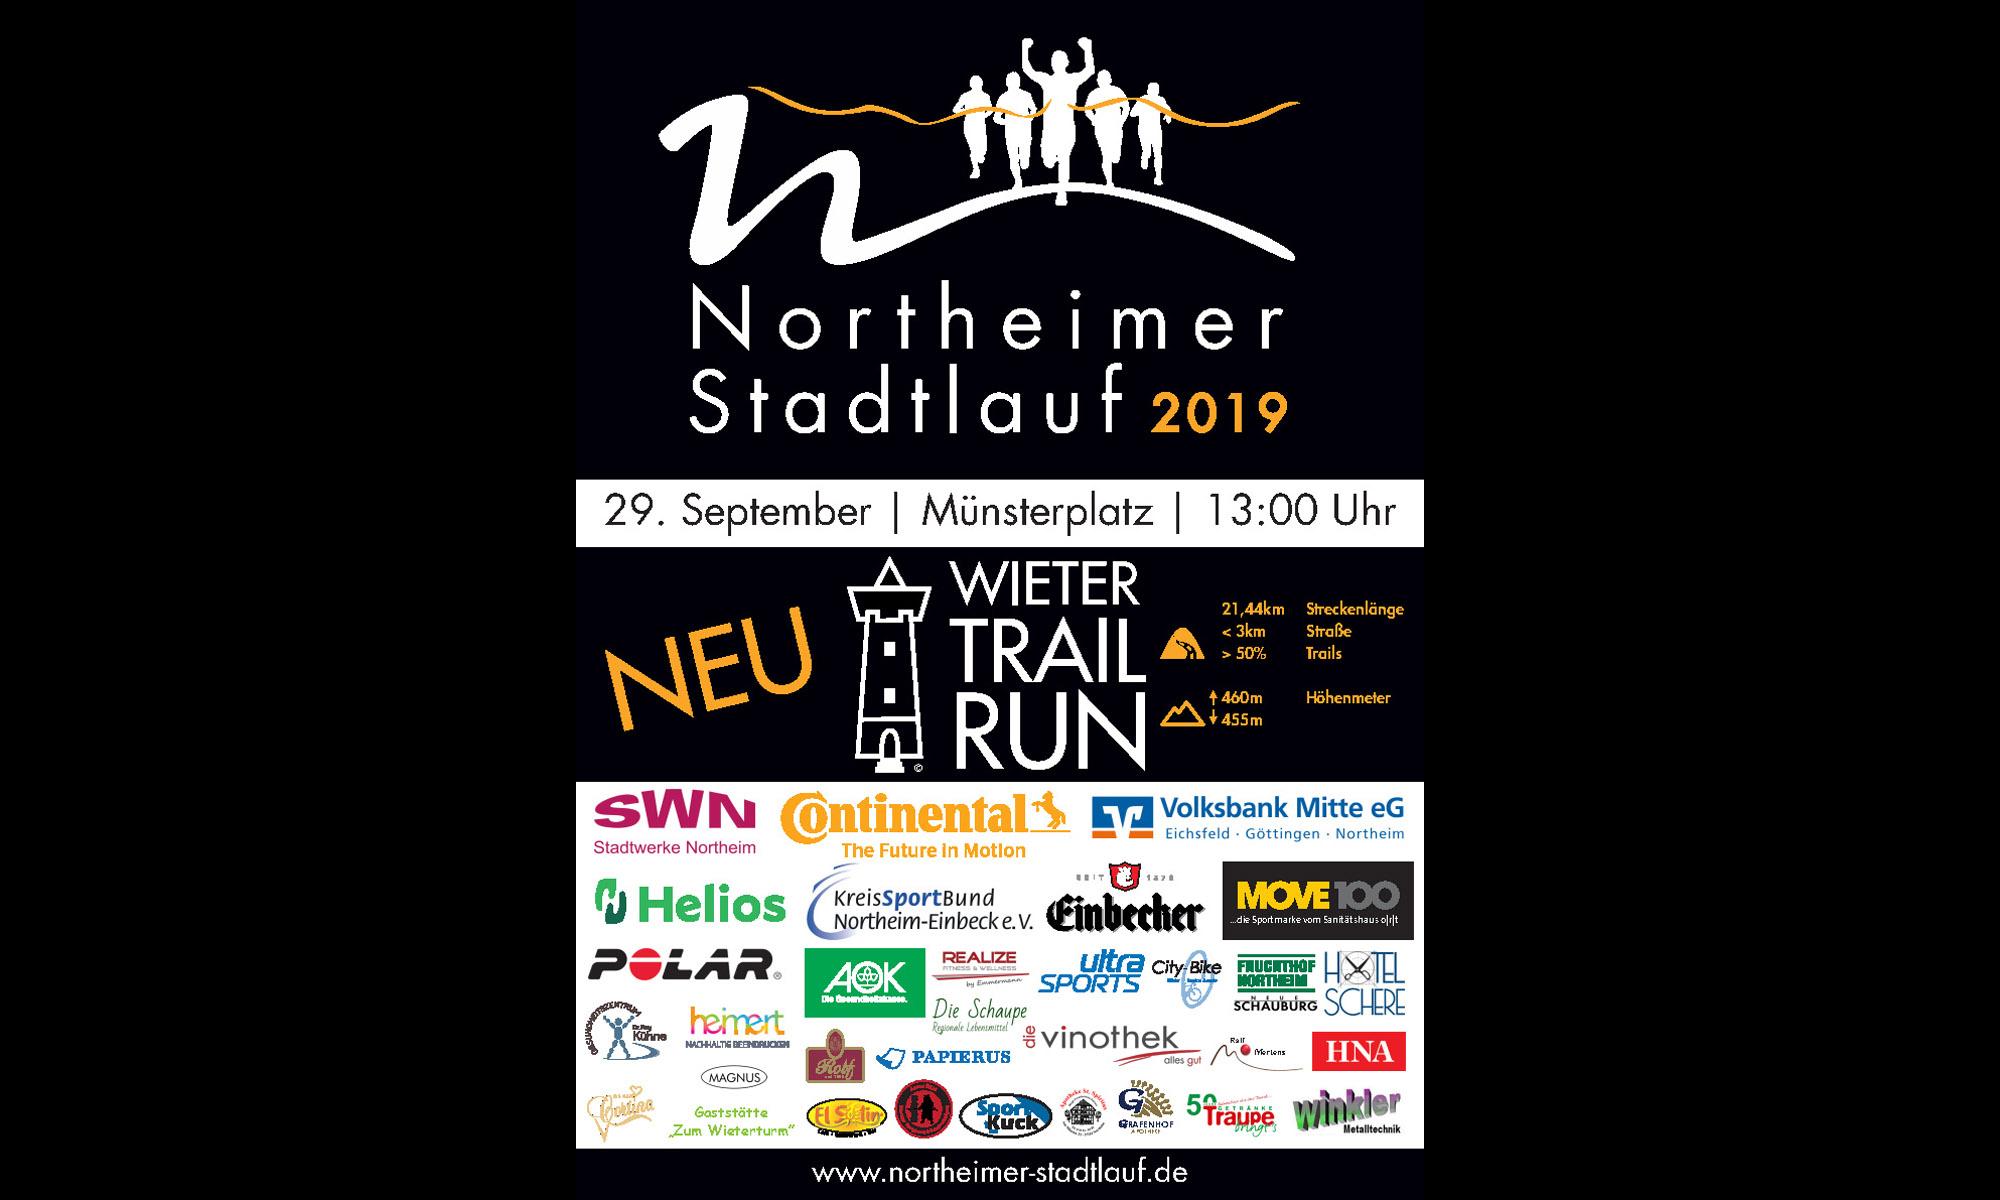 www.northeimer-stadtlauf.de